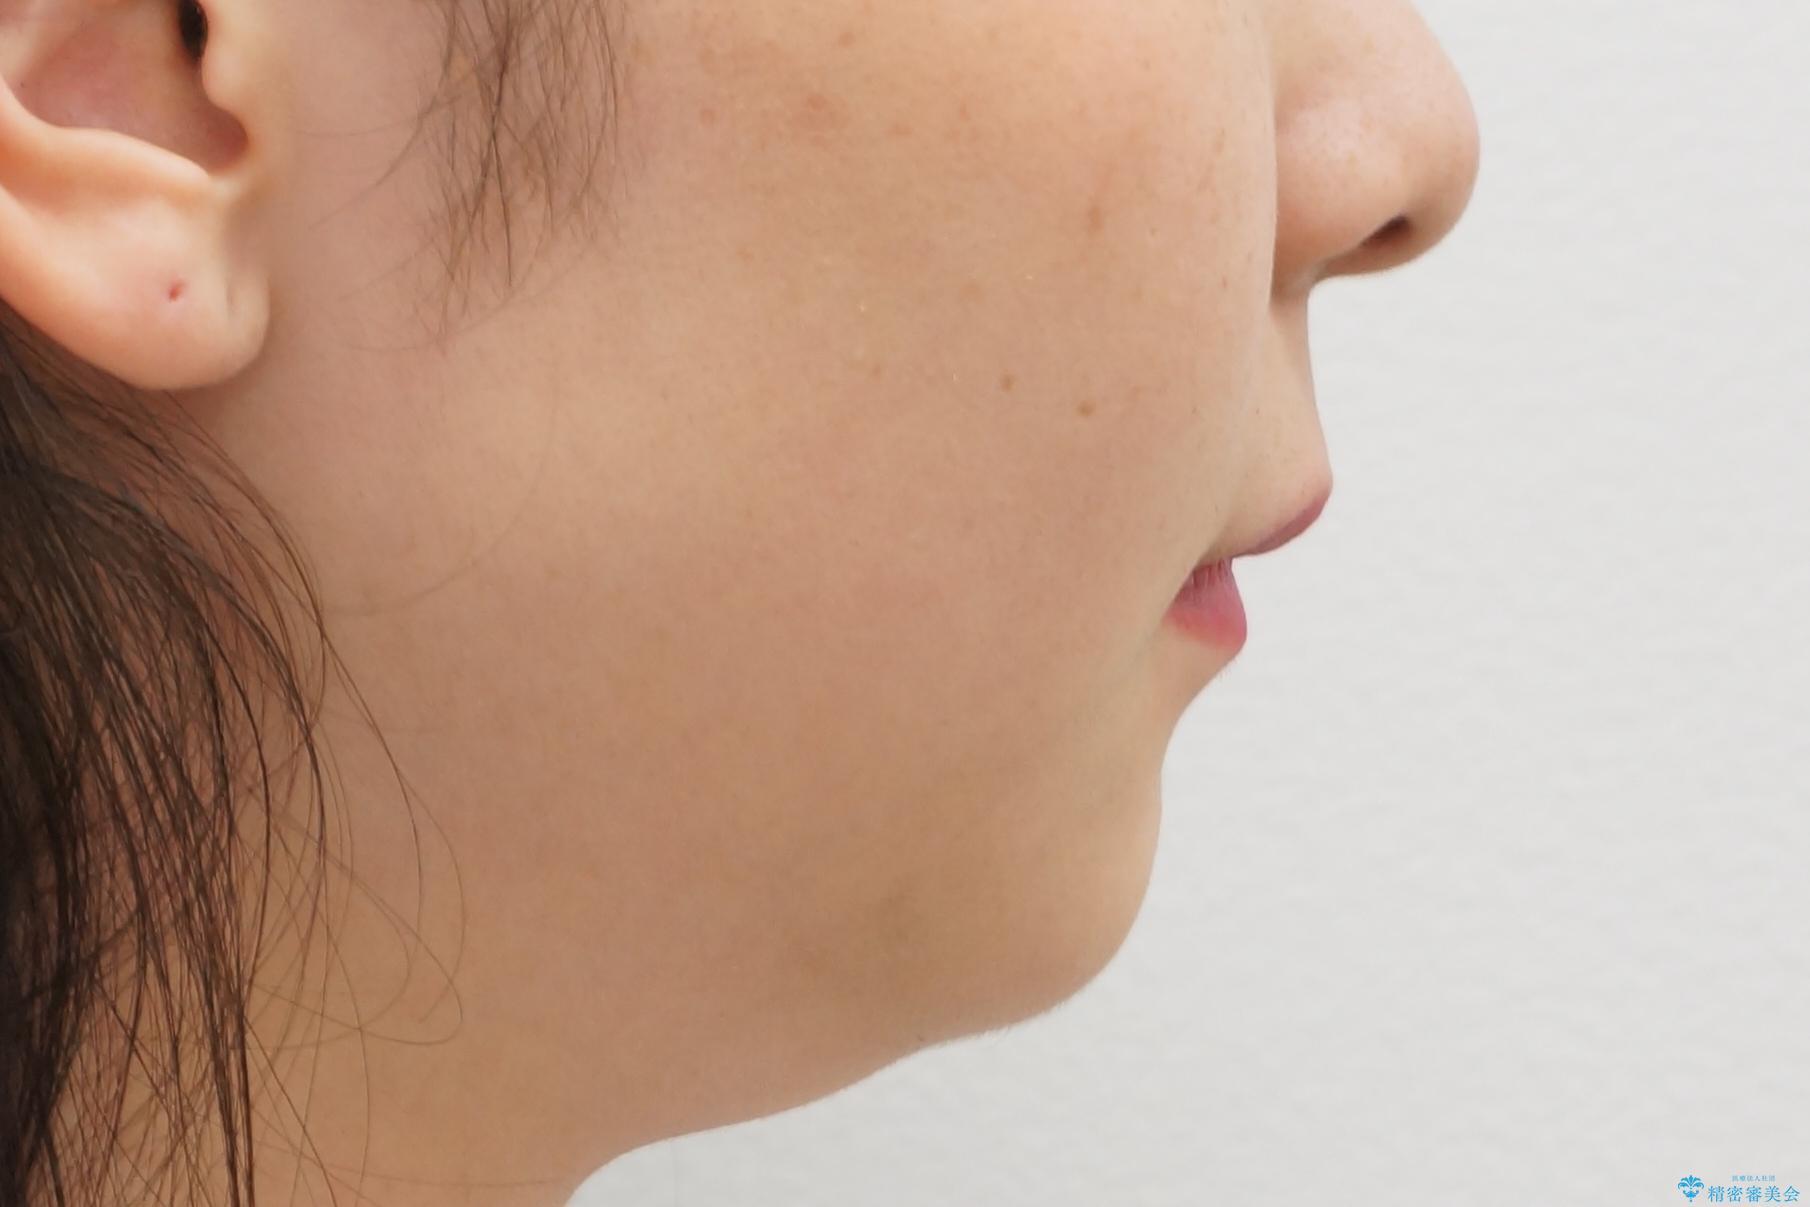 前歯のがたつき 過蓋咬合の治療後(顔貌)